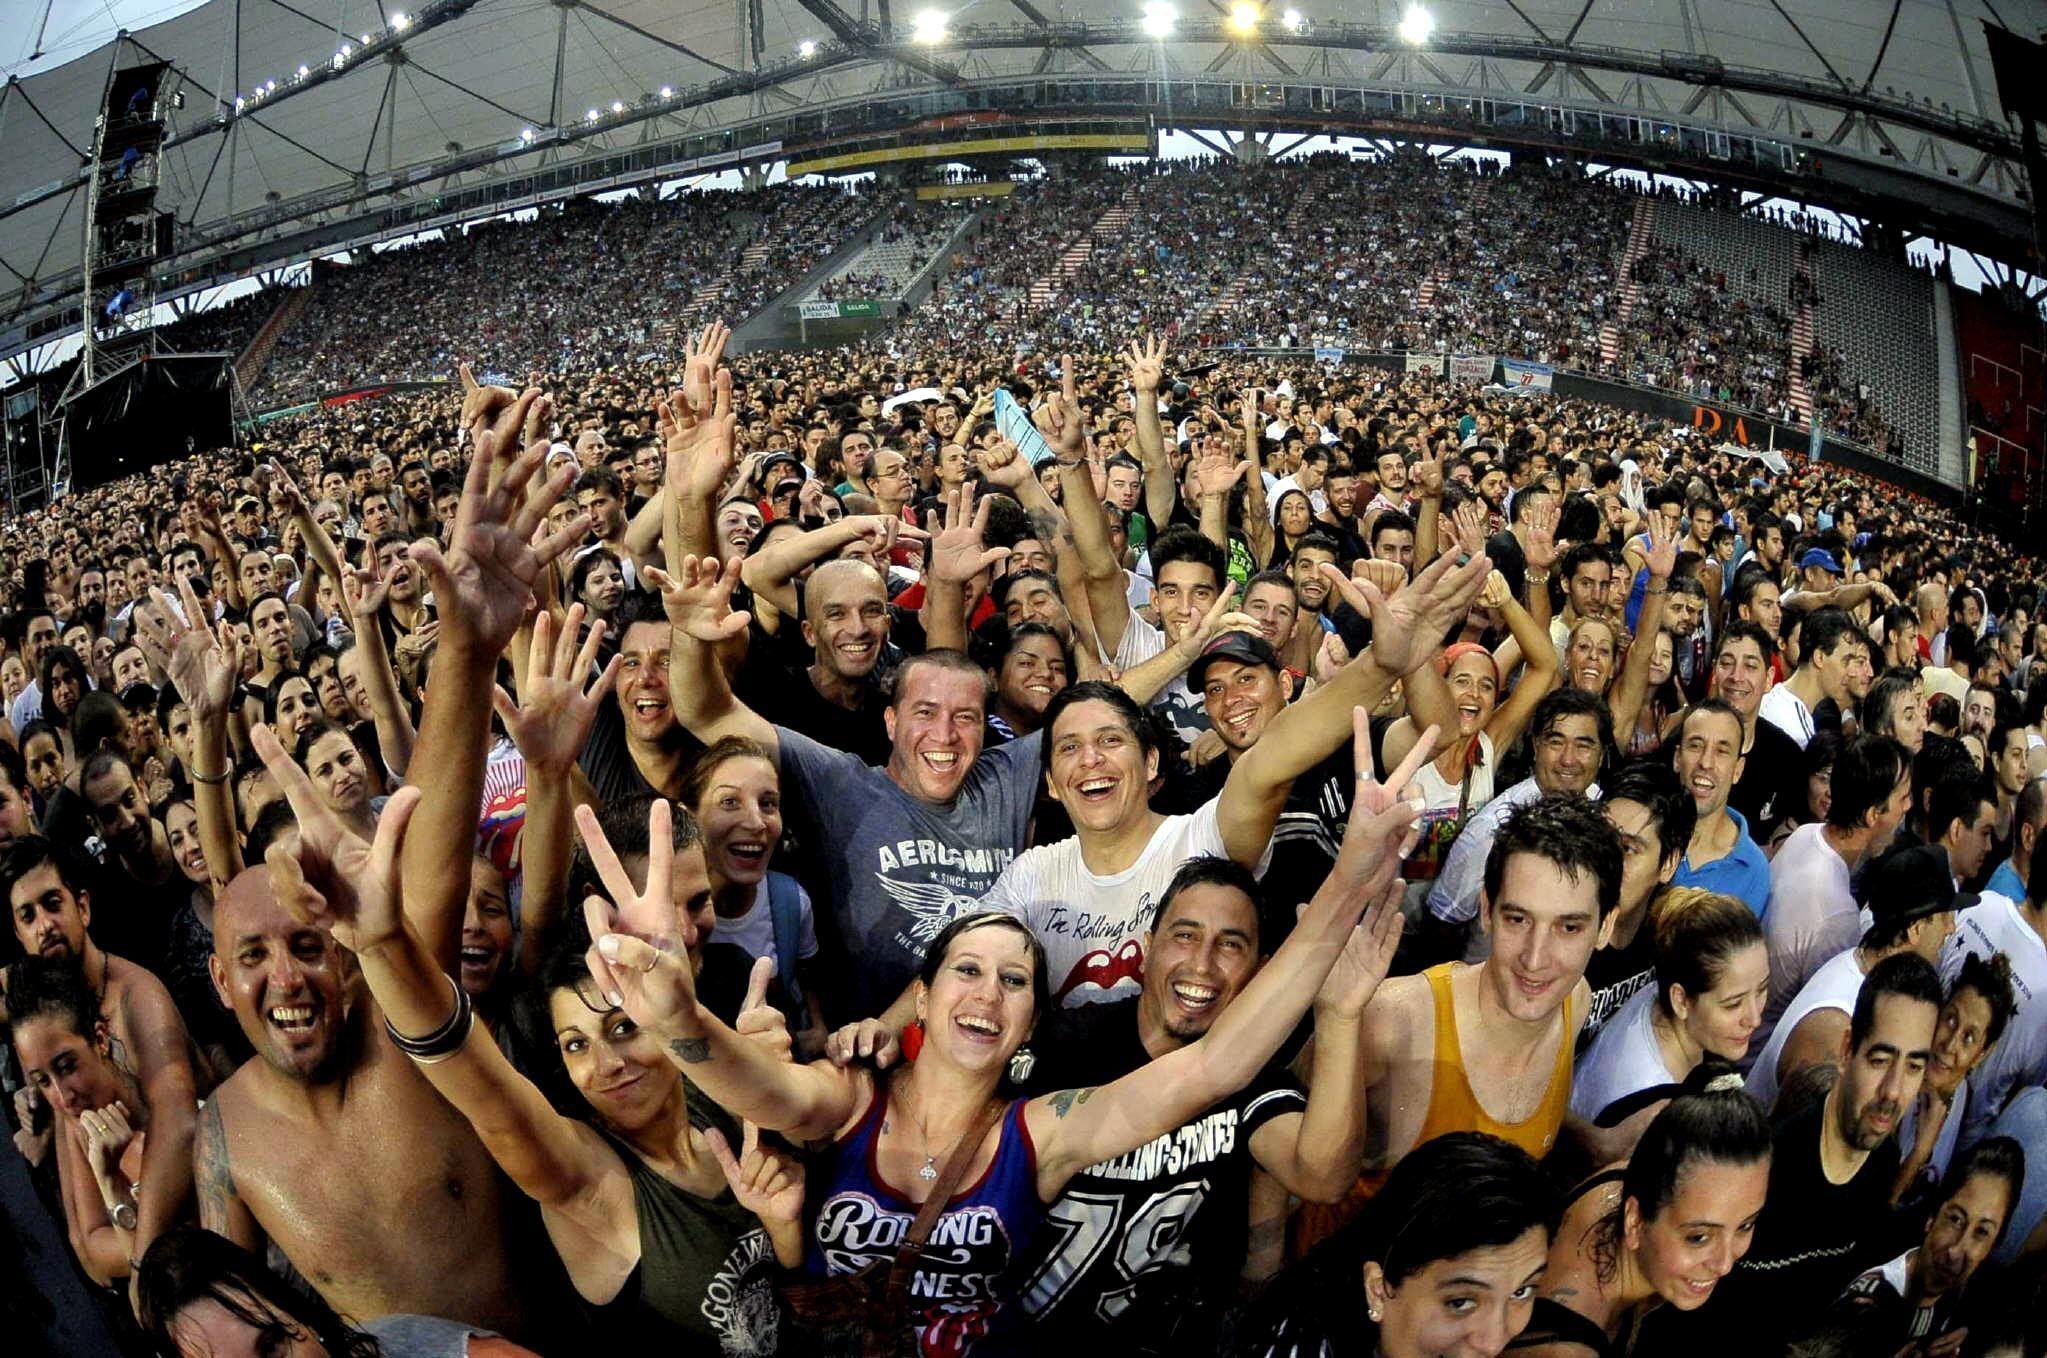 La banda histórica que vuelve a tocar en Argentina